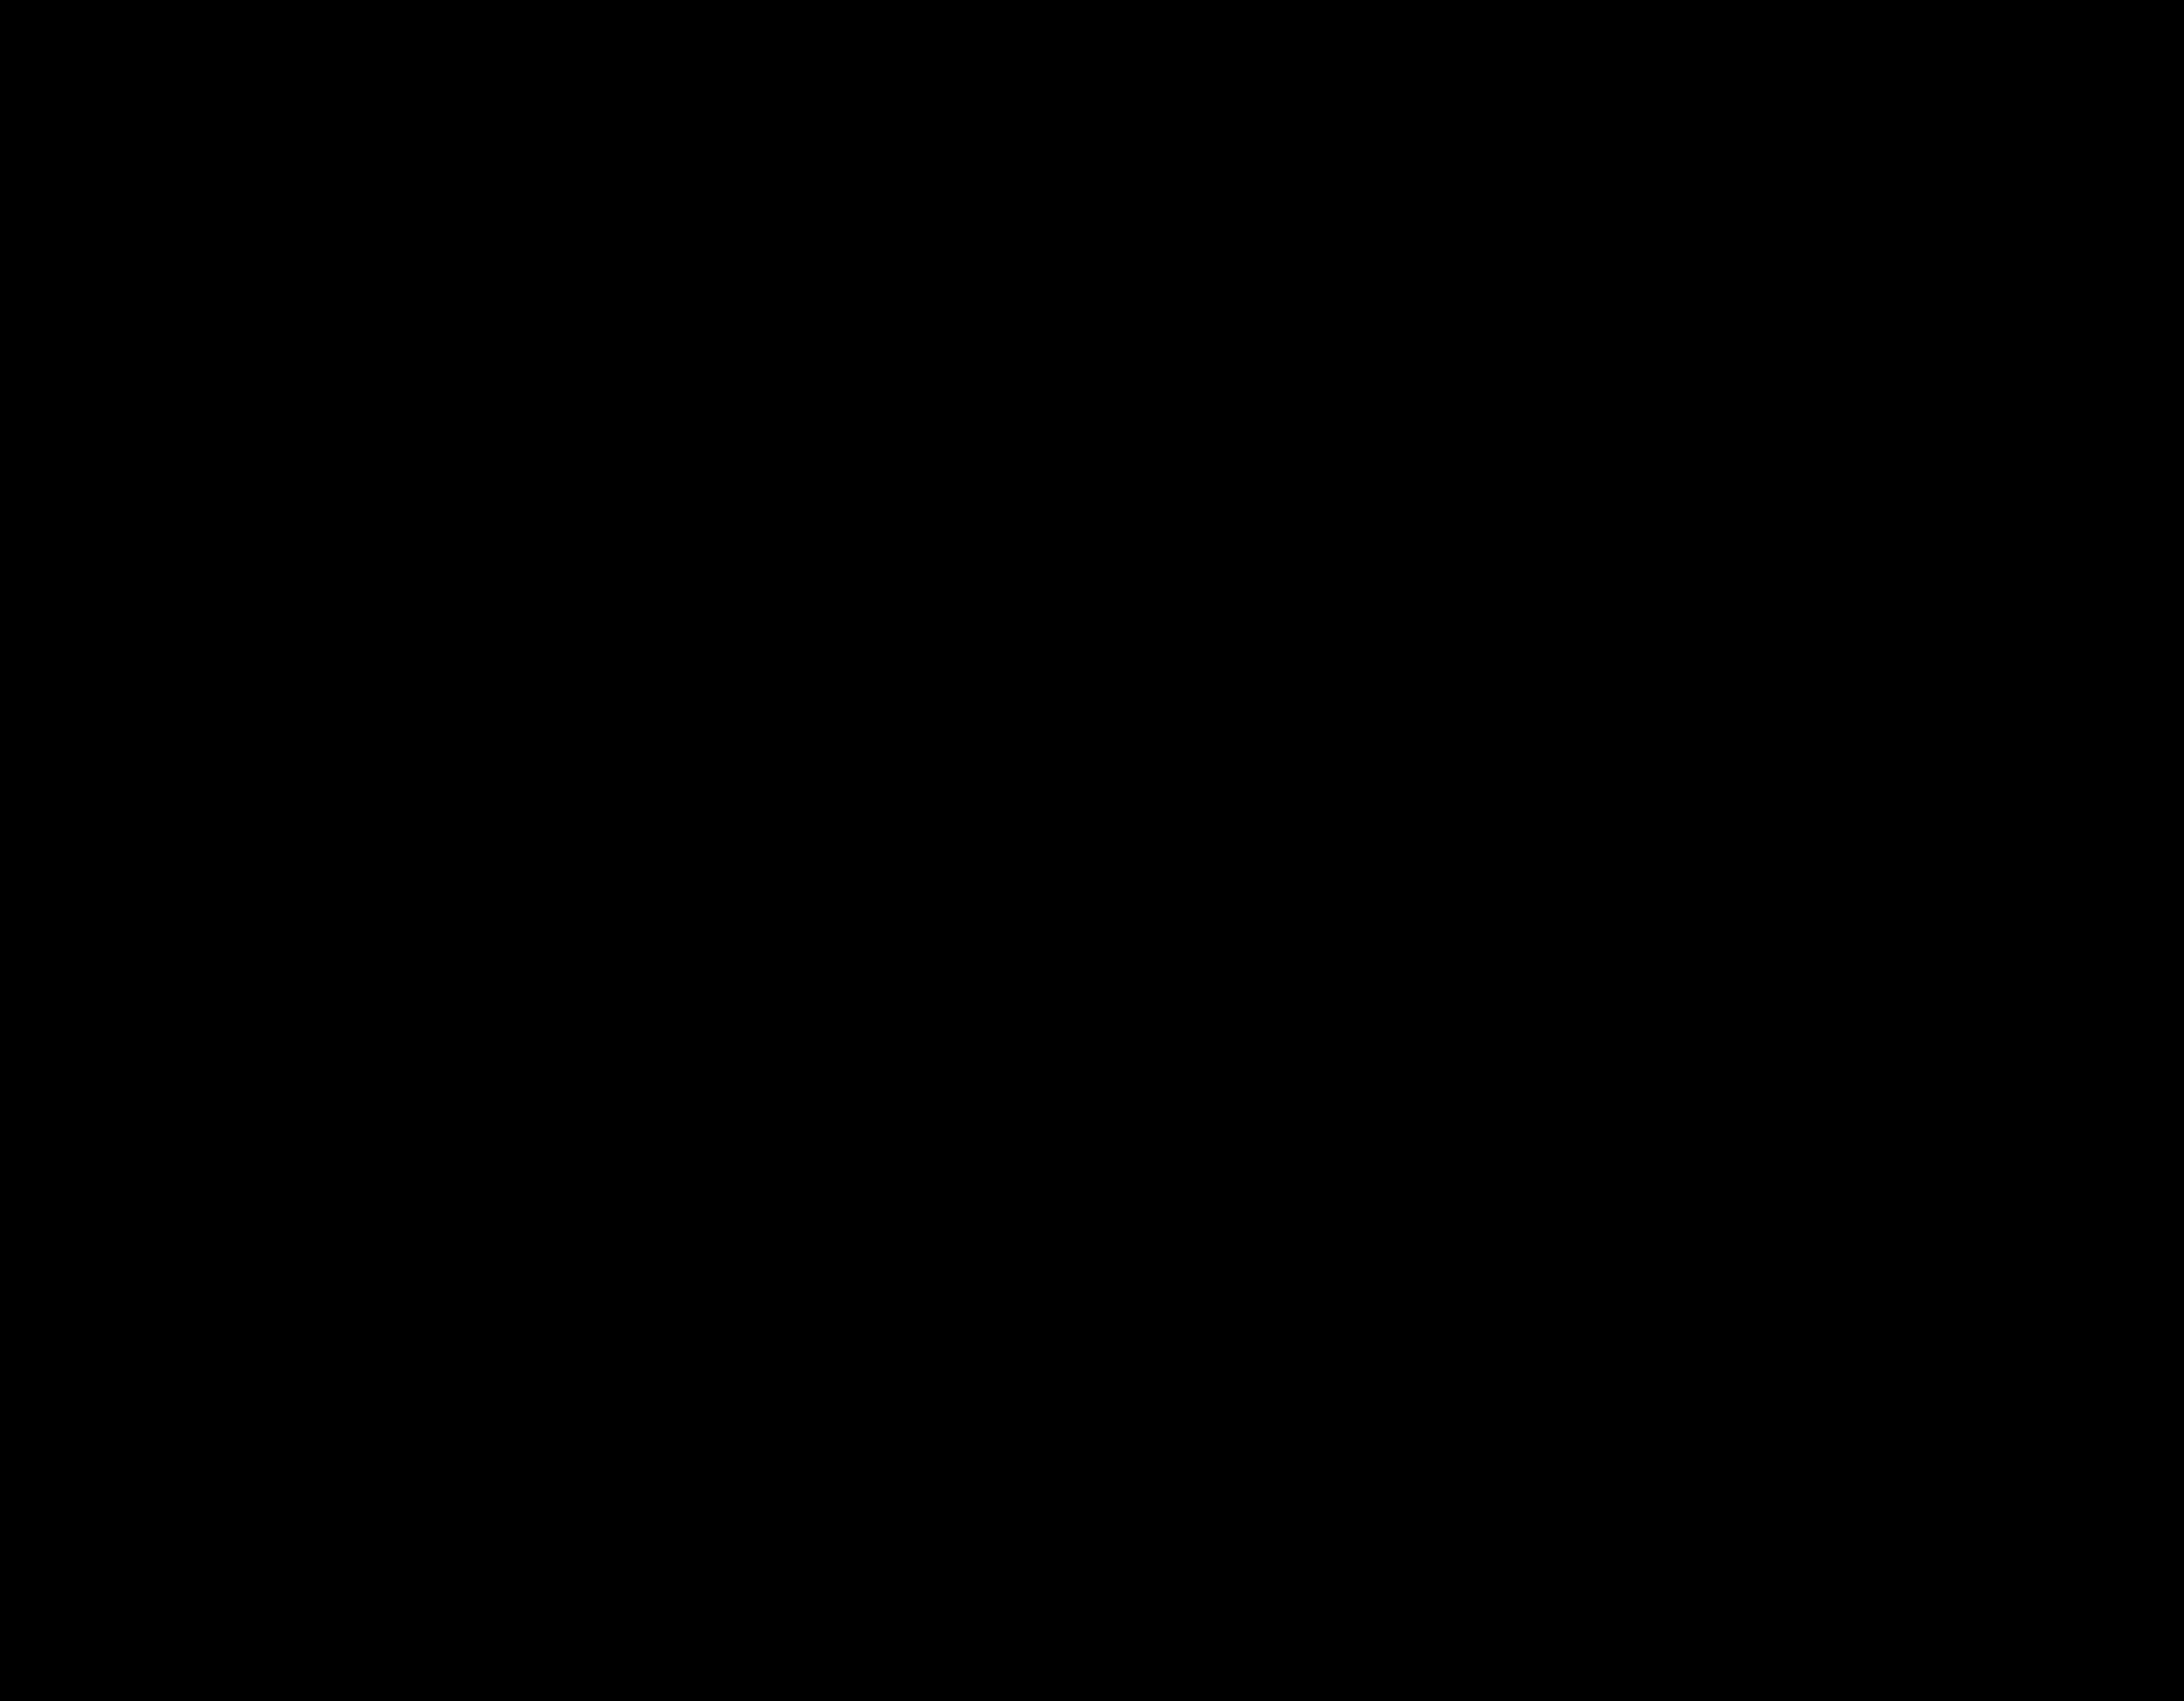 Mandala Main Logo - Black